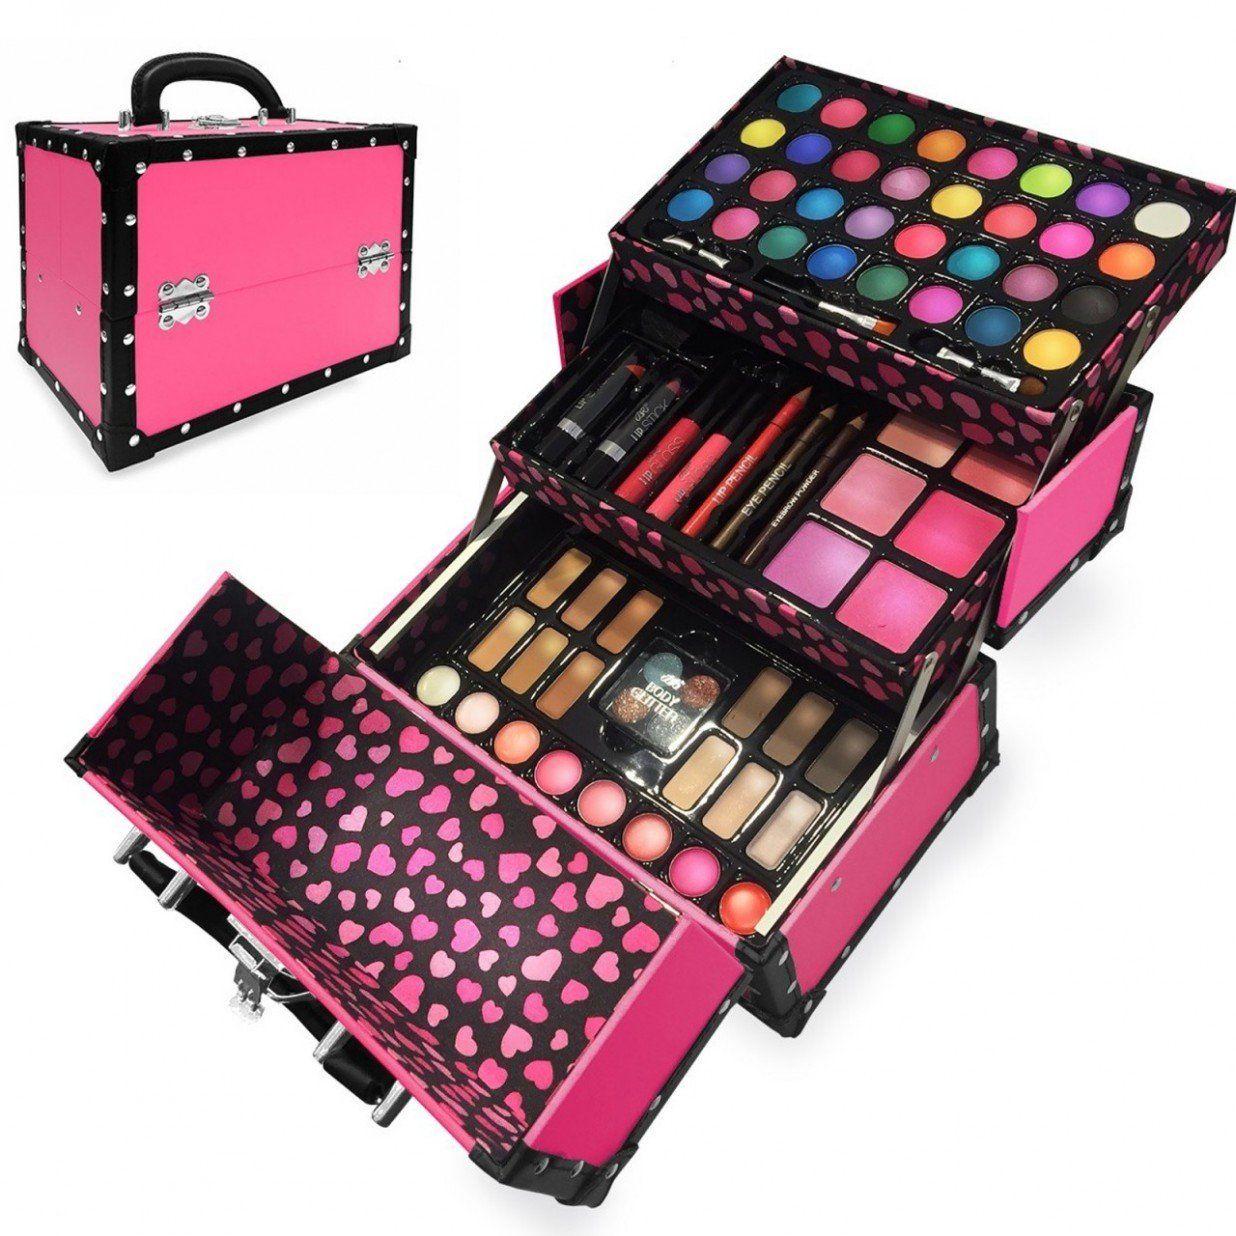 fff8f9330 Resultado de imagem para maletines de maquillaje profesional es ...